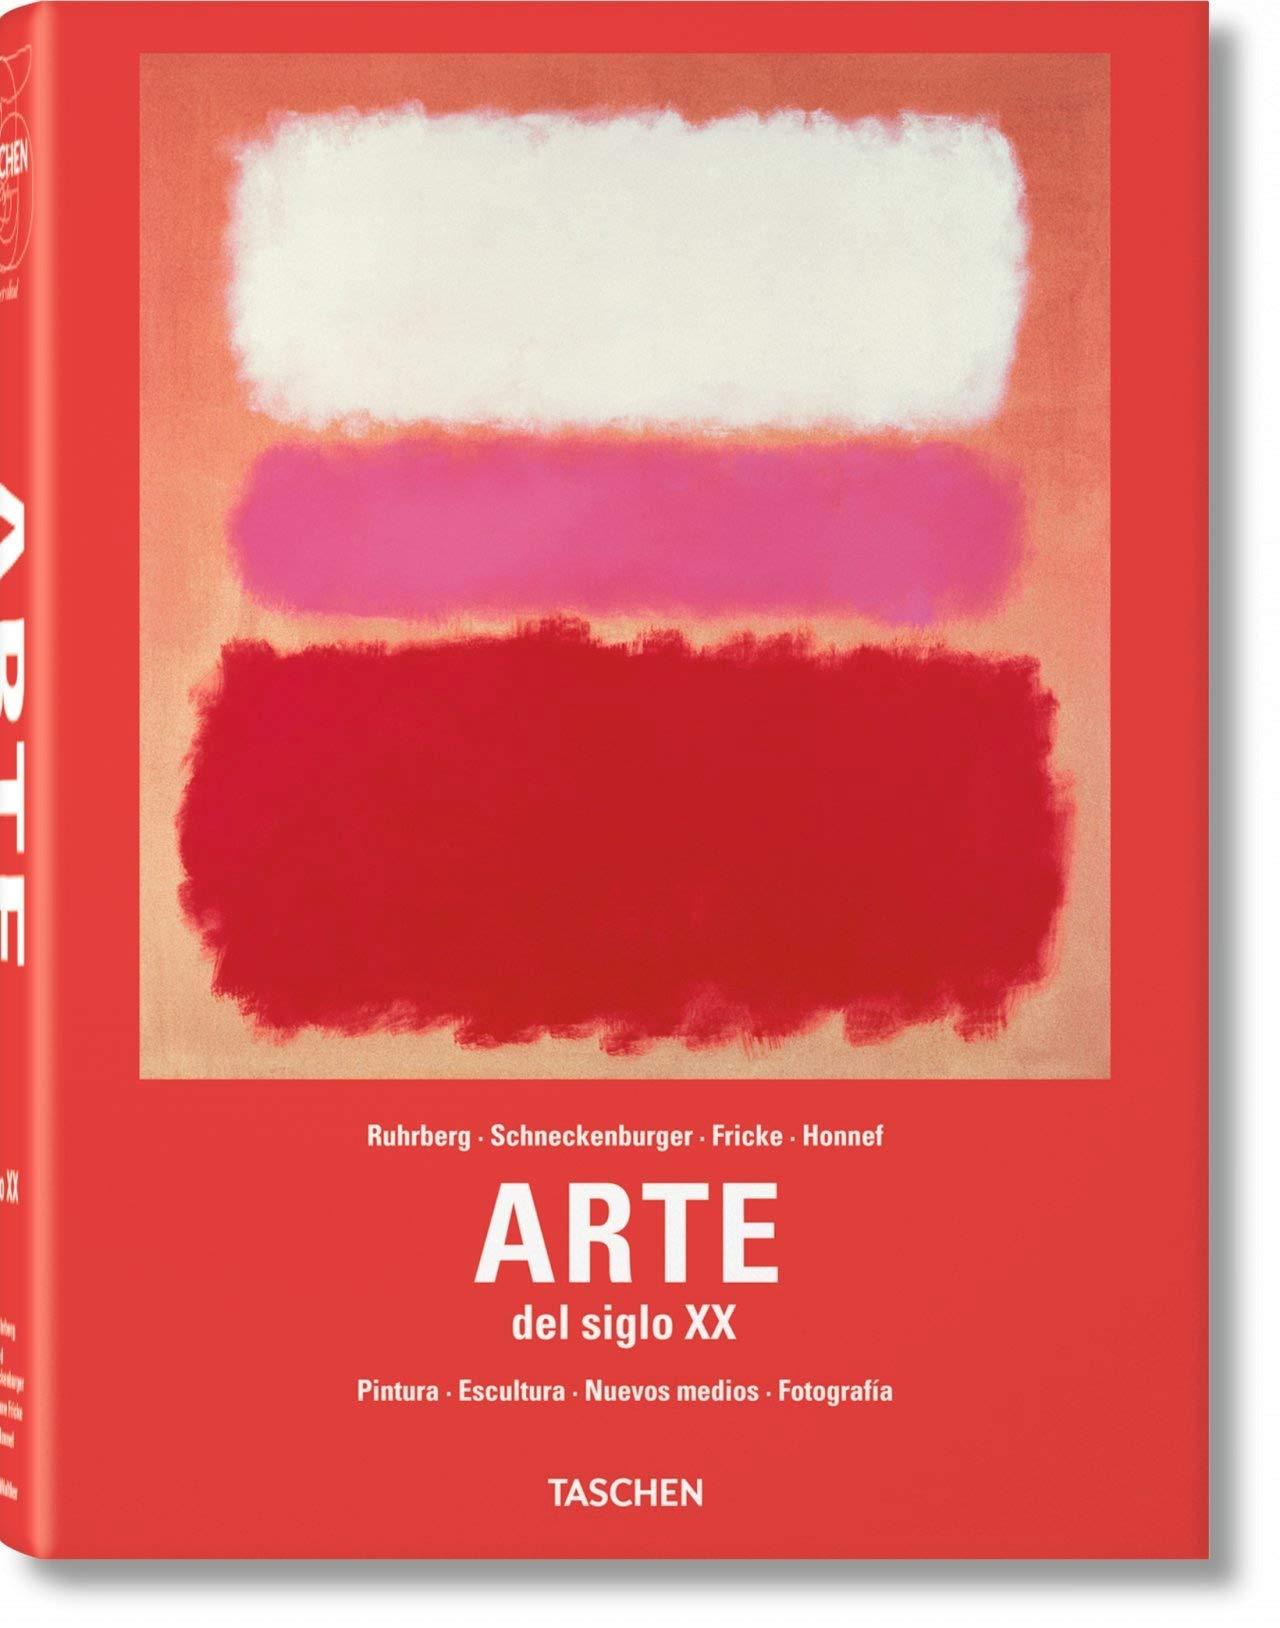 Arte del siglo XX: Amazon.es: Ingo F. Walther: Libros